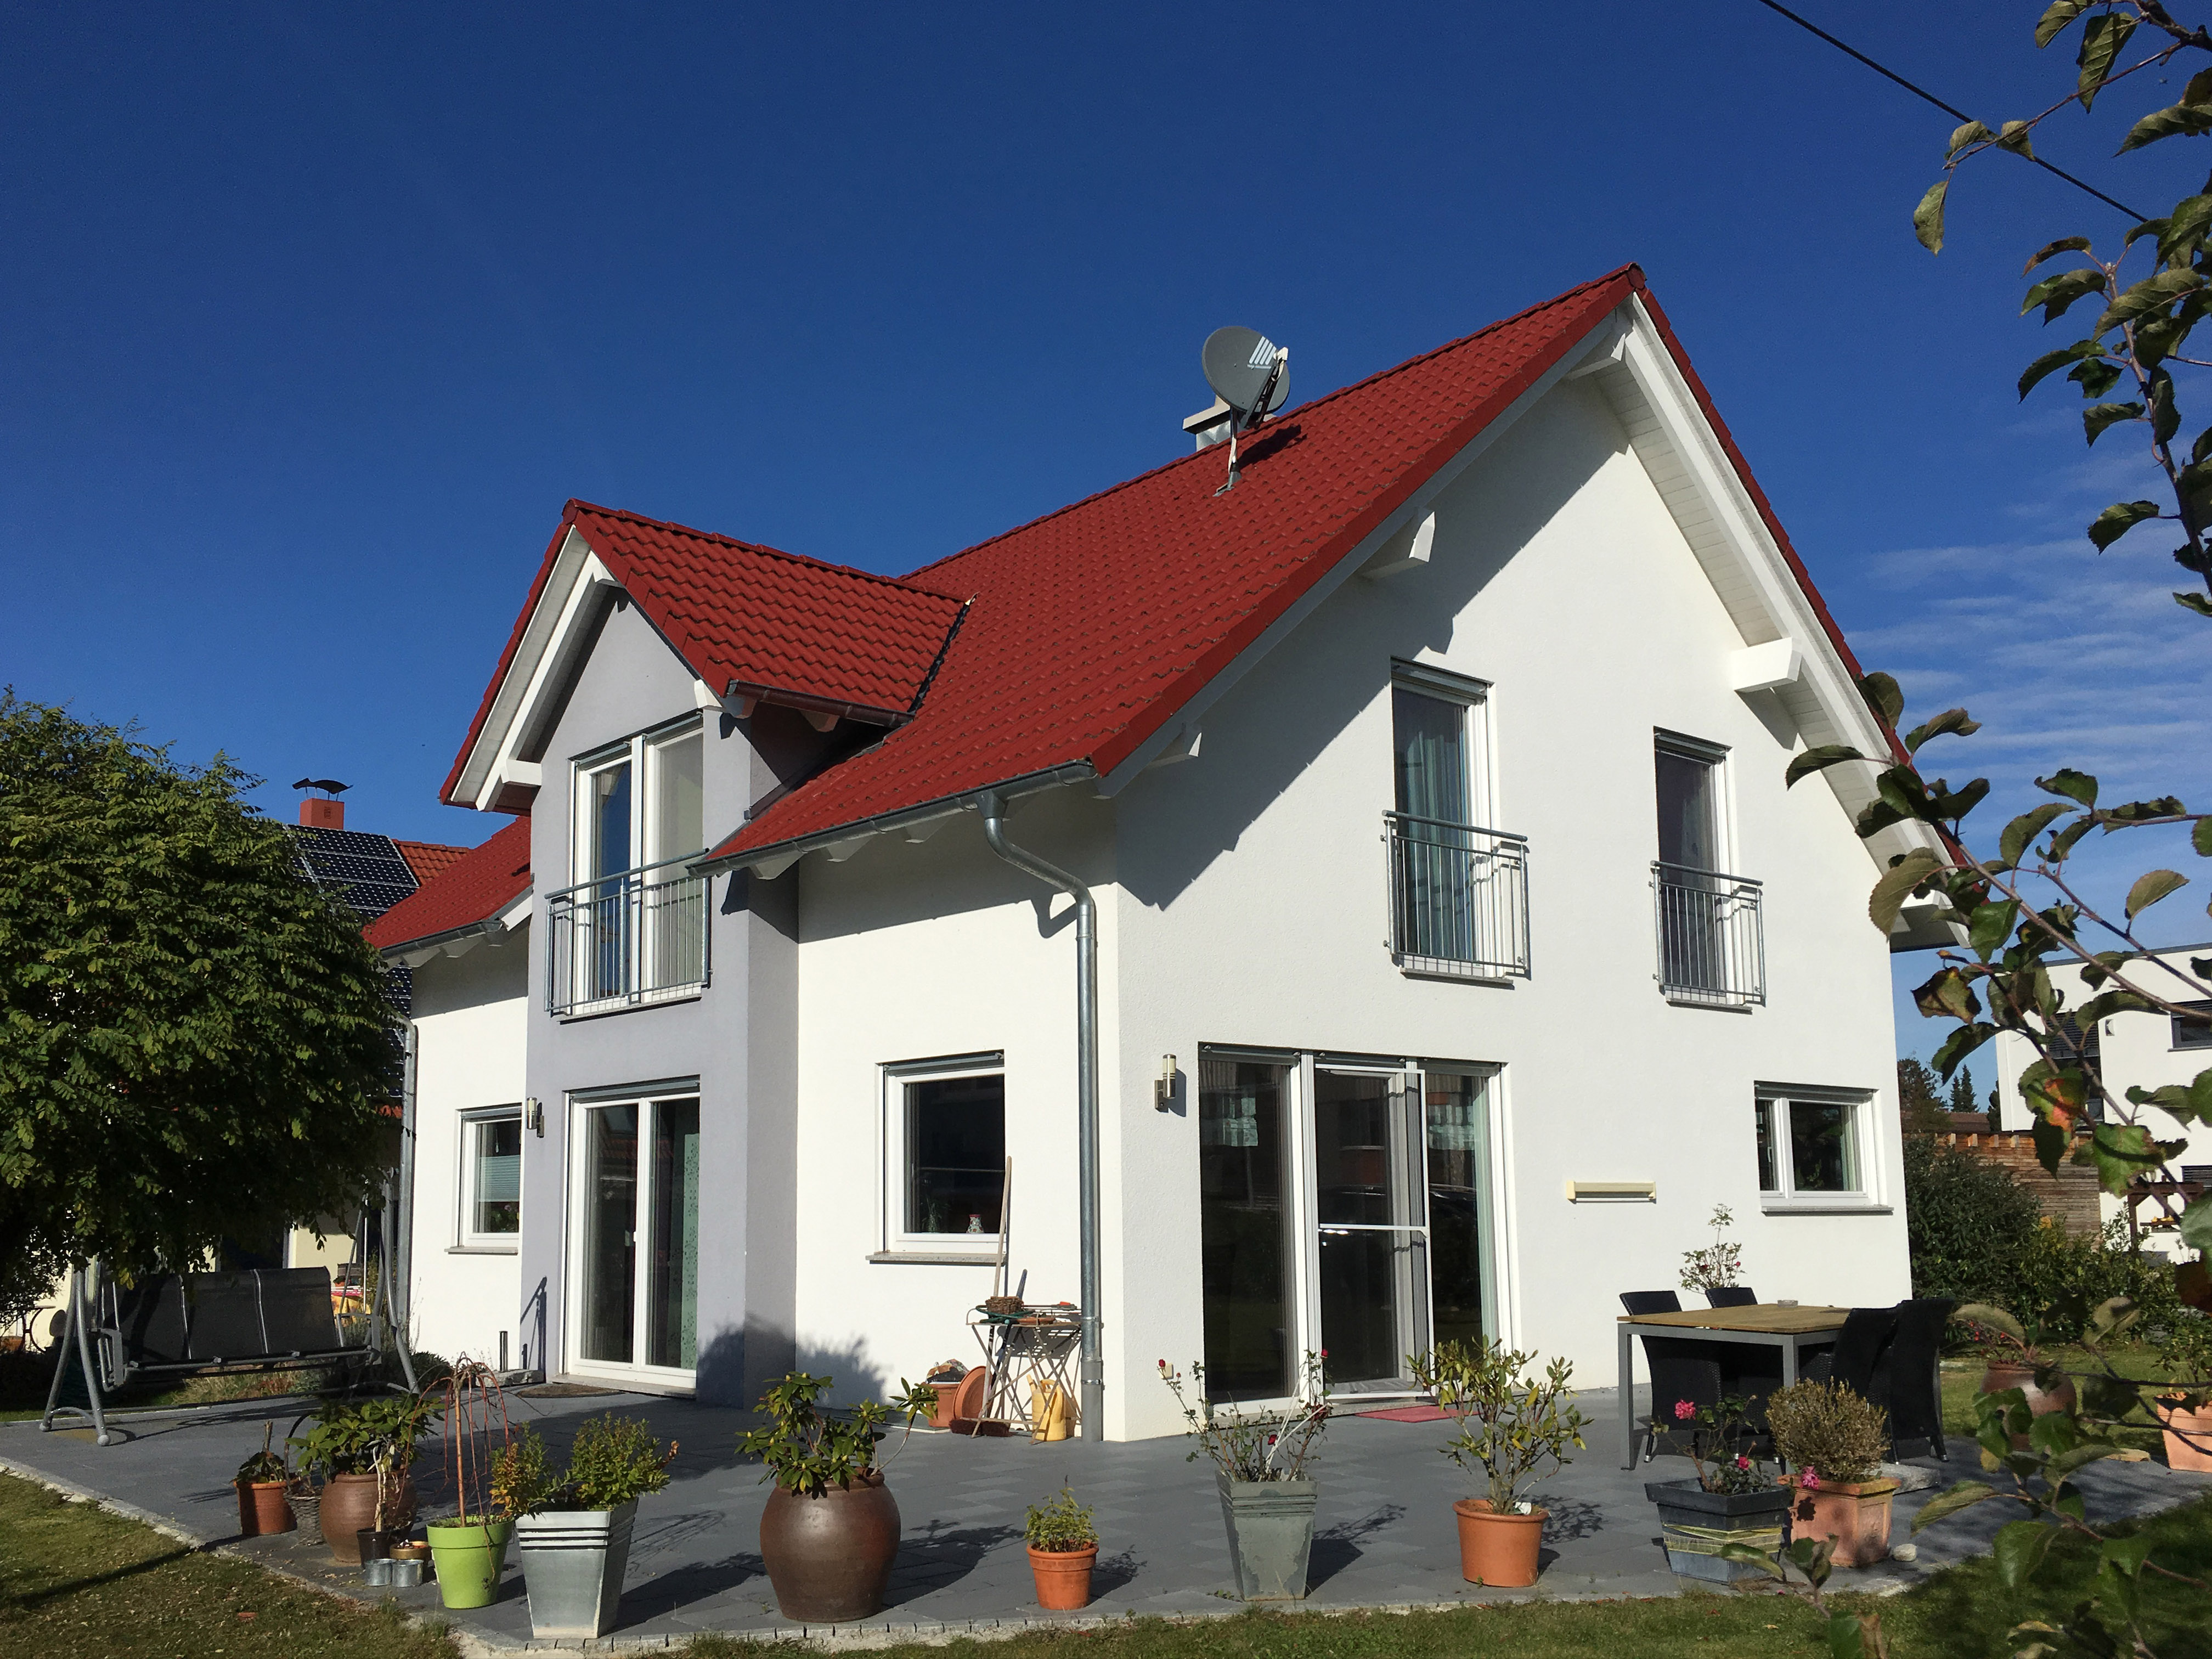 Schönes Familienhaus mit Herz im Grünen (Tübingen) - Häuser zur Miete in Kusterdingen, Baden